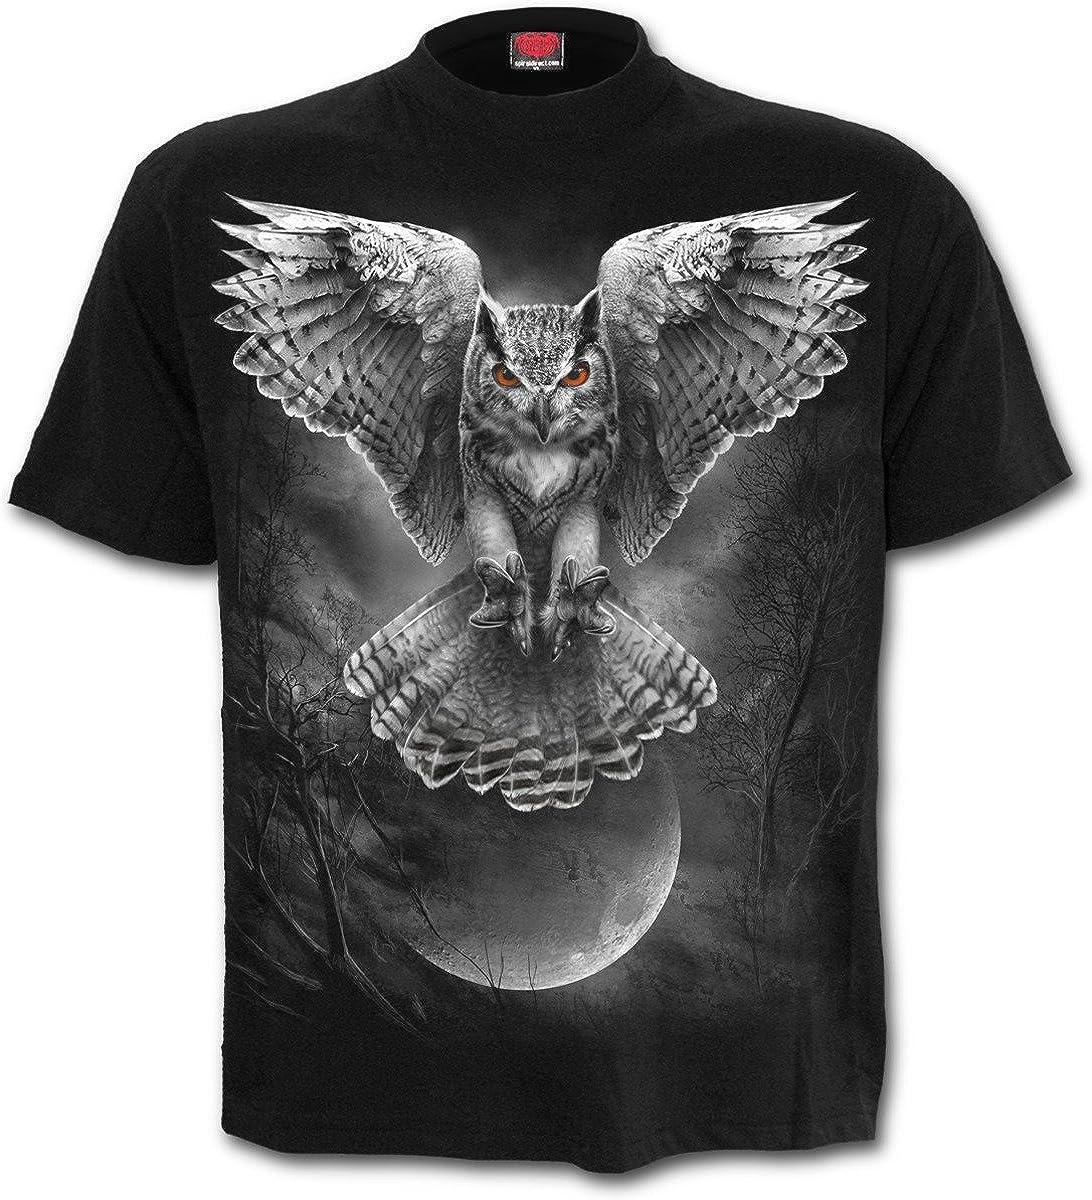 Alas de la sabiduría, búhos fantasía metal gótico camiseta para hombre de Negro - XXL - Espiral: Amazon.es: Ropa y accesorios